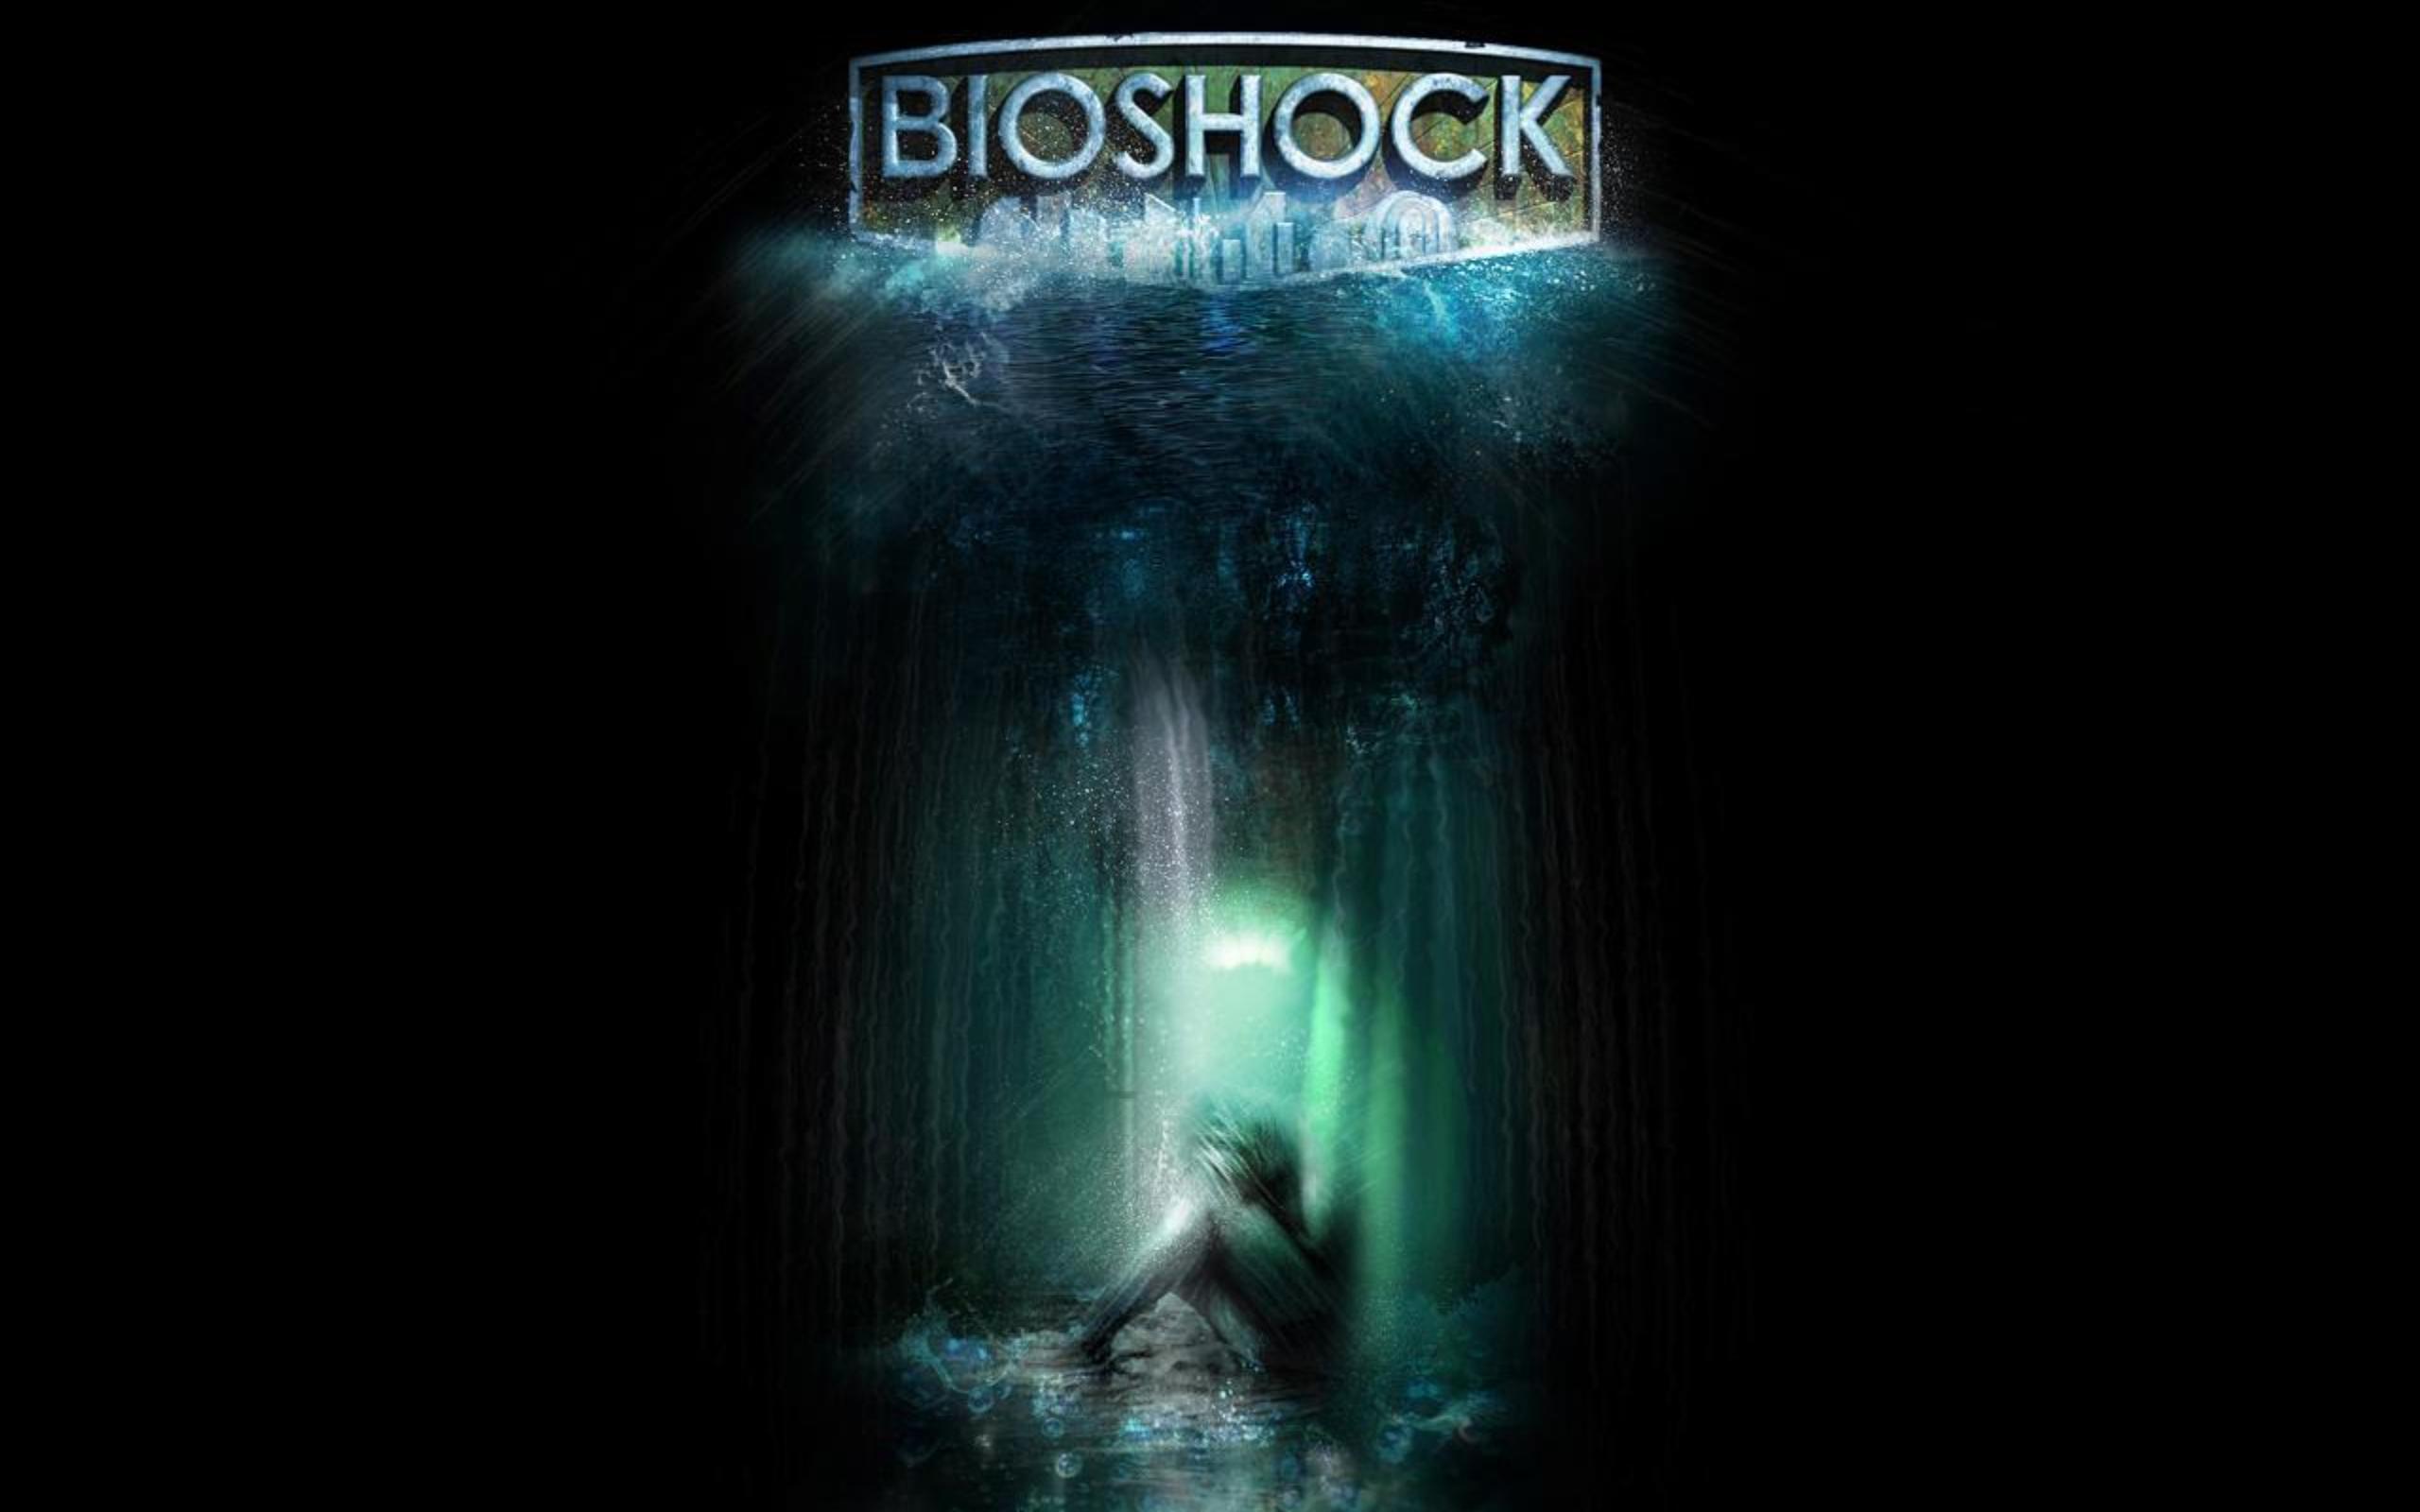 bioshock iphone wallpaper